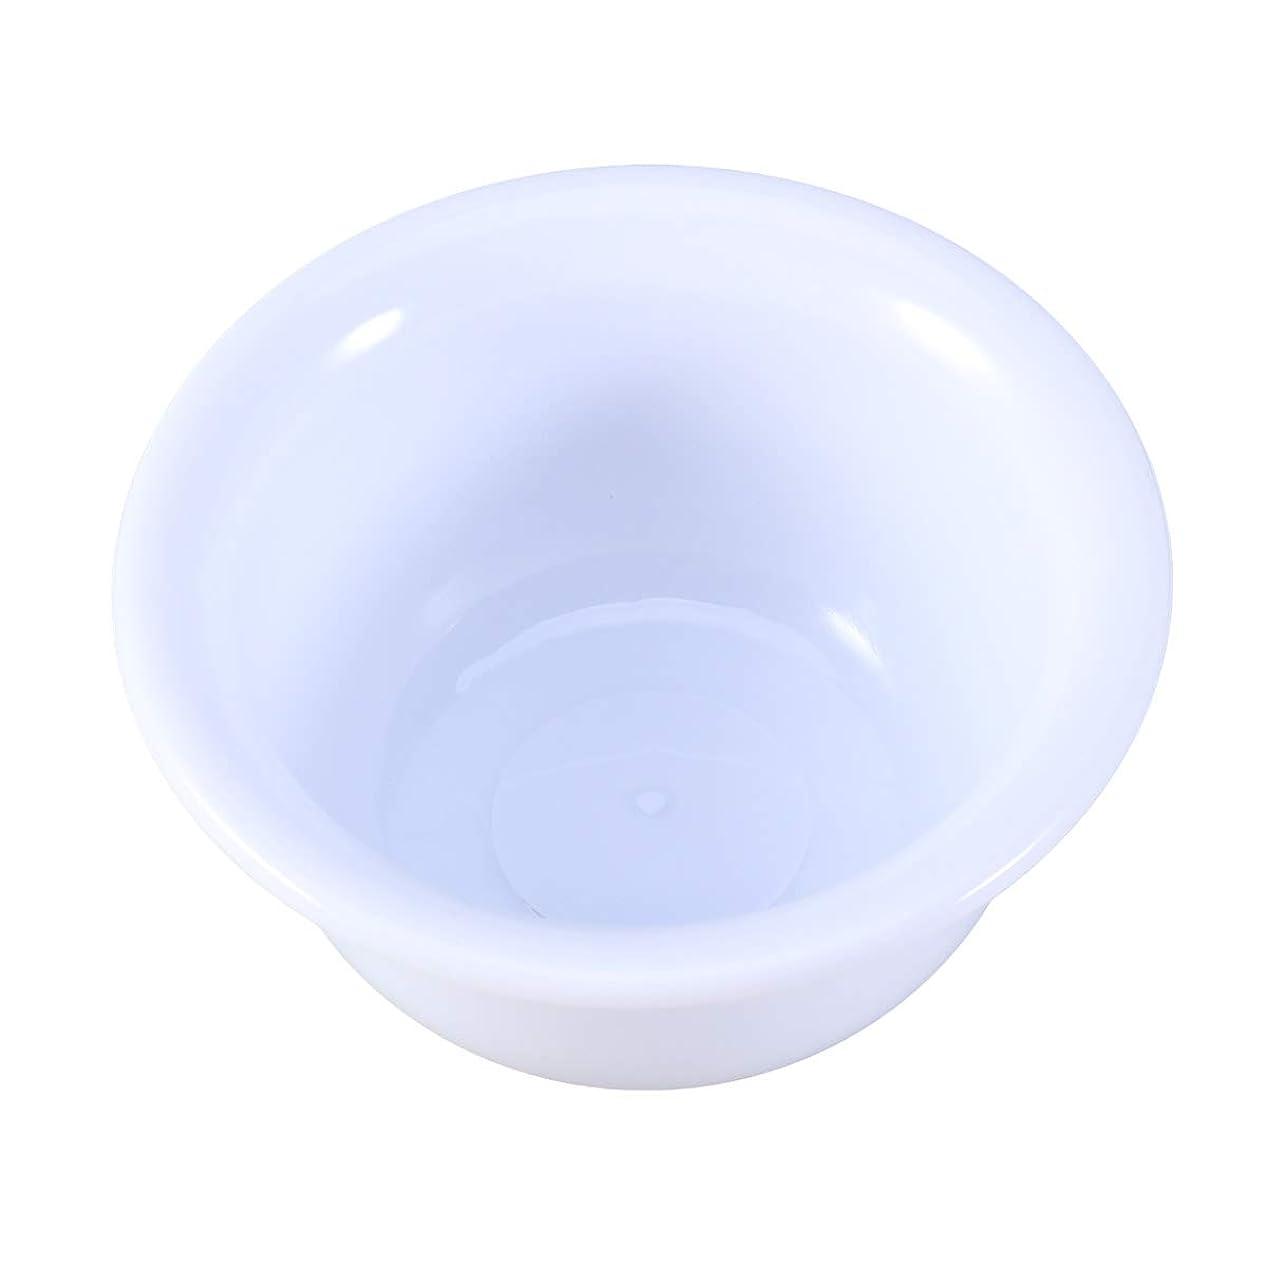 発行警報無意味男性用Healiftyプラスチックシェービングボウルシェービングクリームソープボウル(ホワイト)